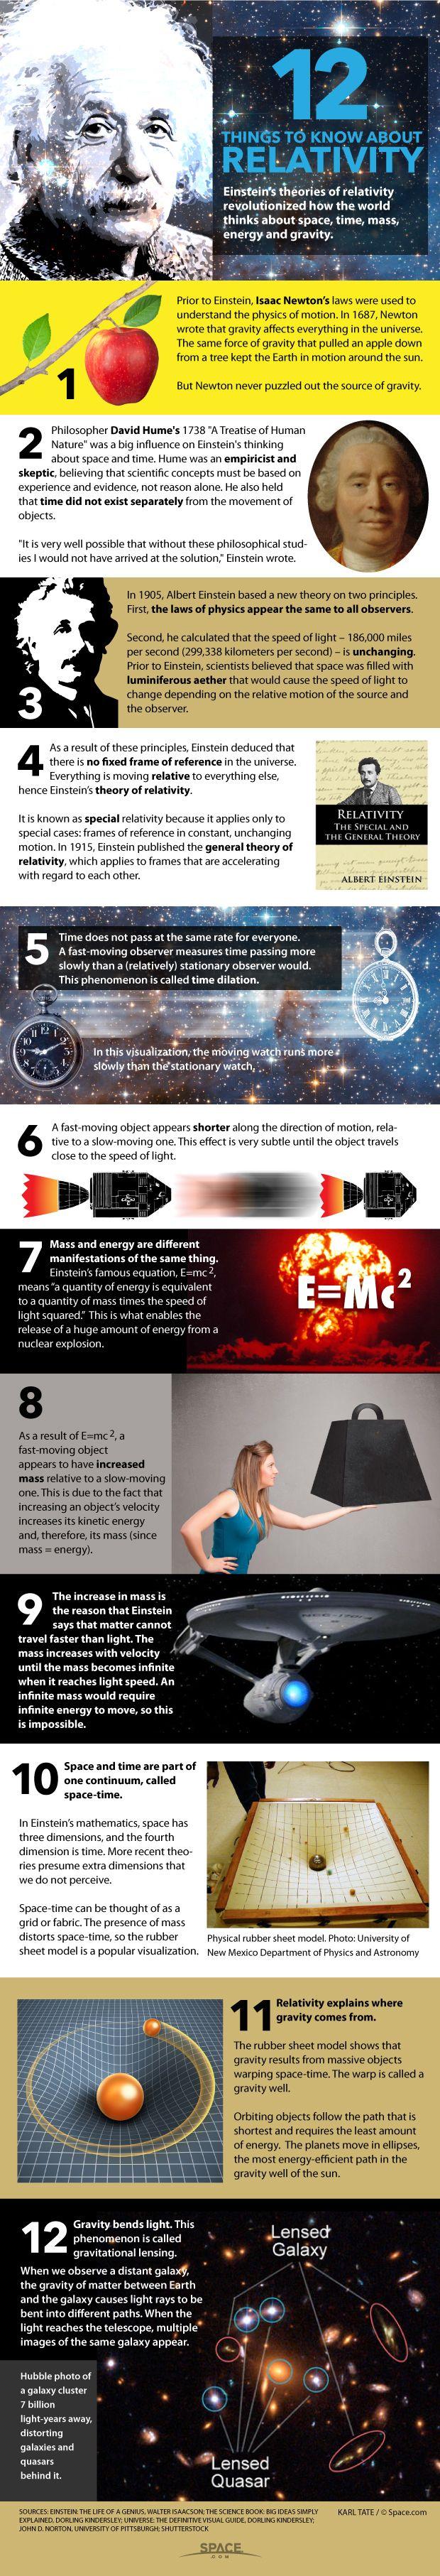 Voici 12 choses à savoir sur la relativité.